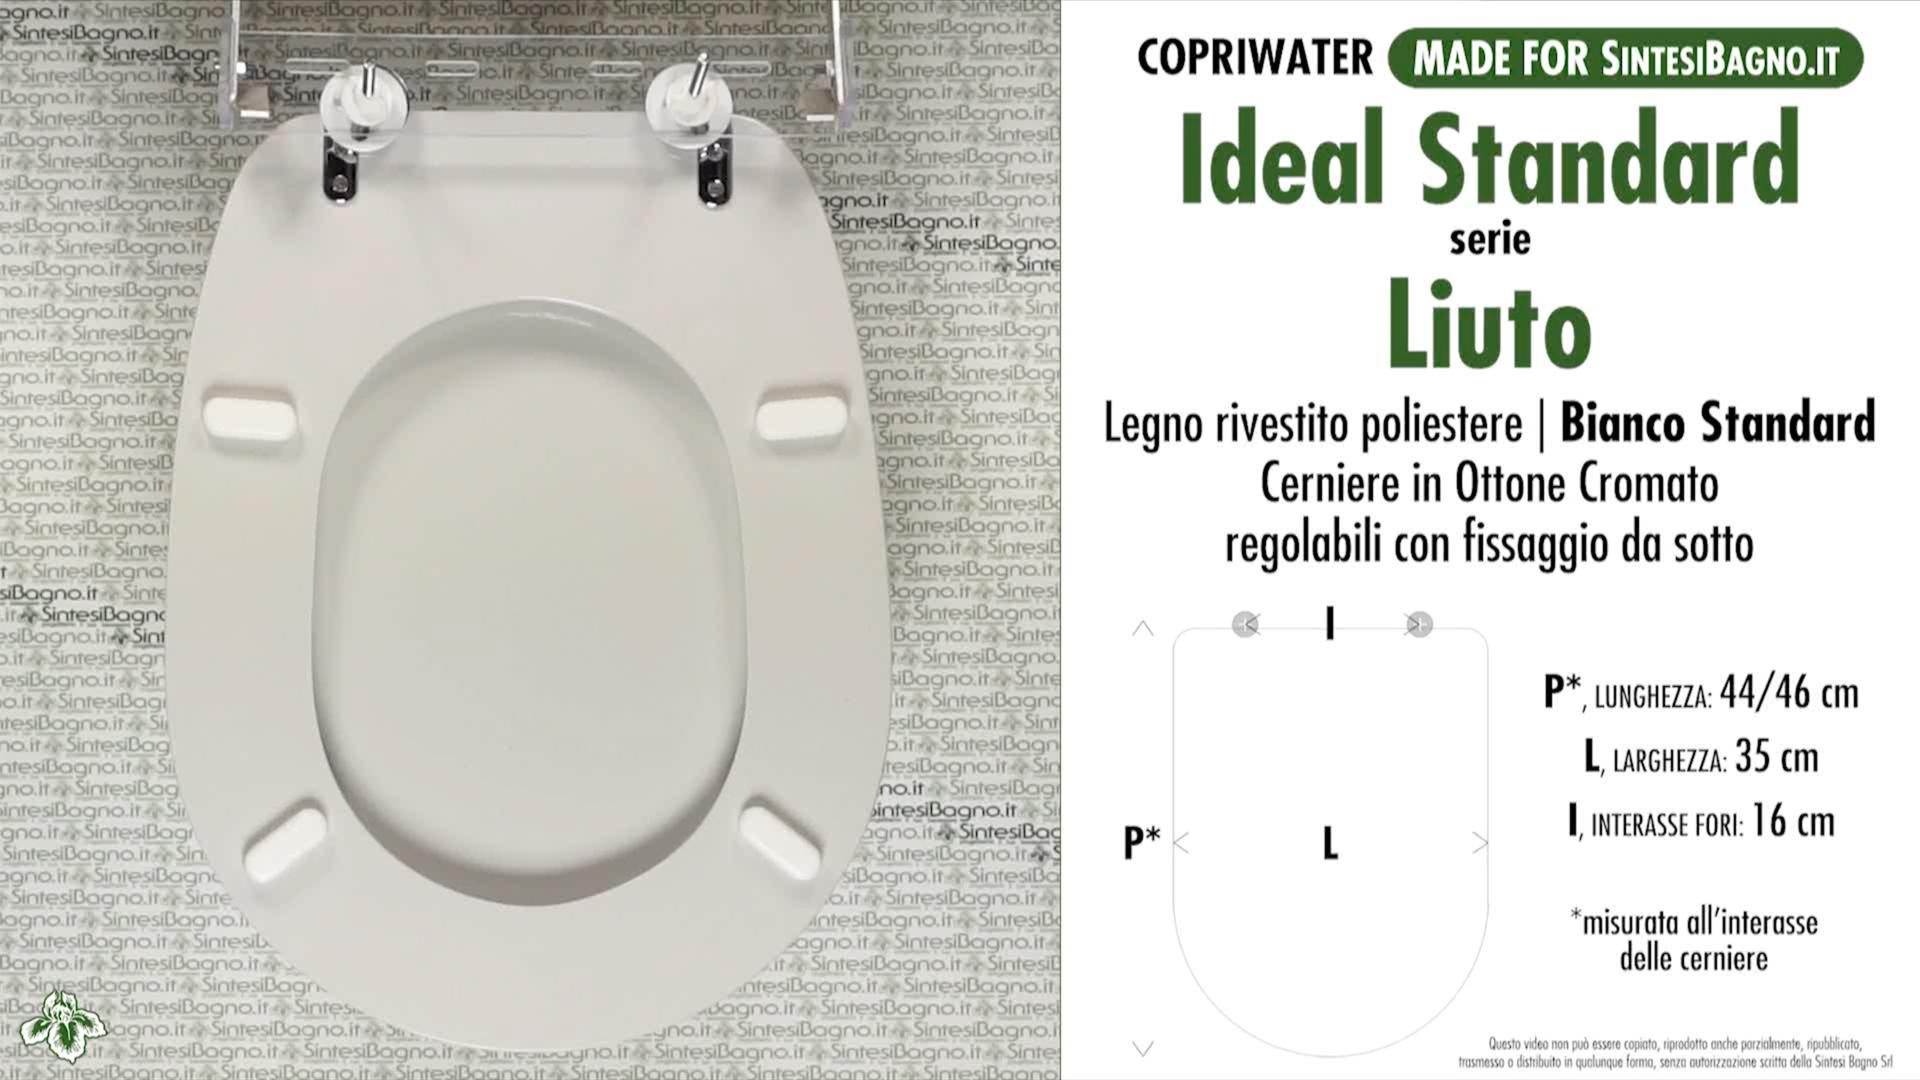 Schede tecniche misure copriwater ideal standard serie liuto for Calla ideal standard scheda tecnica